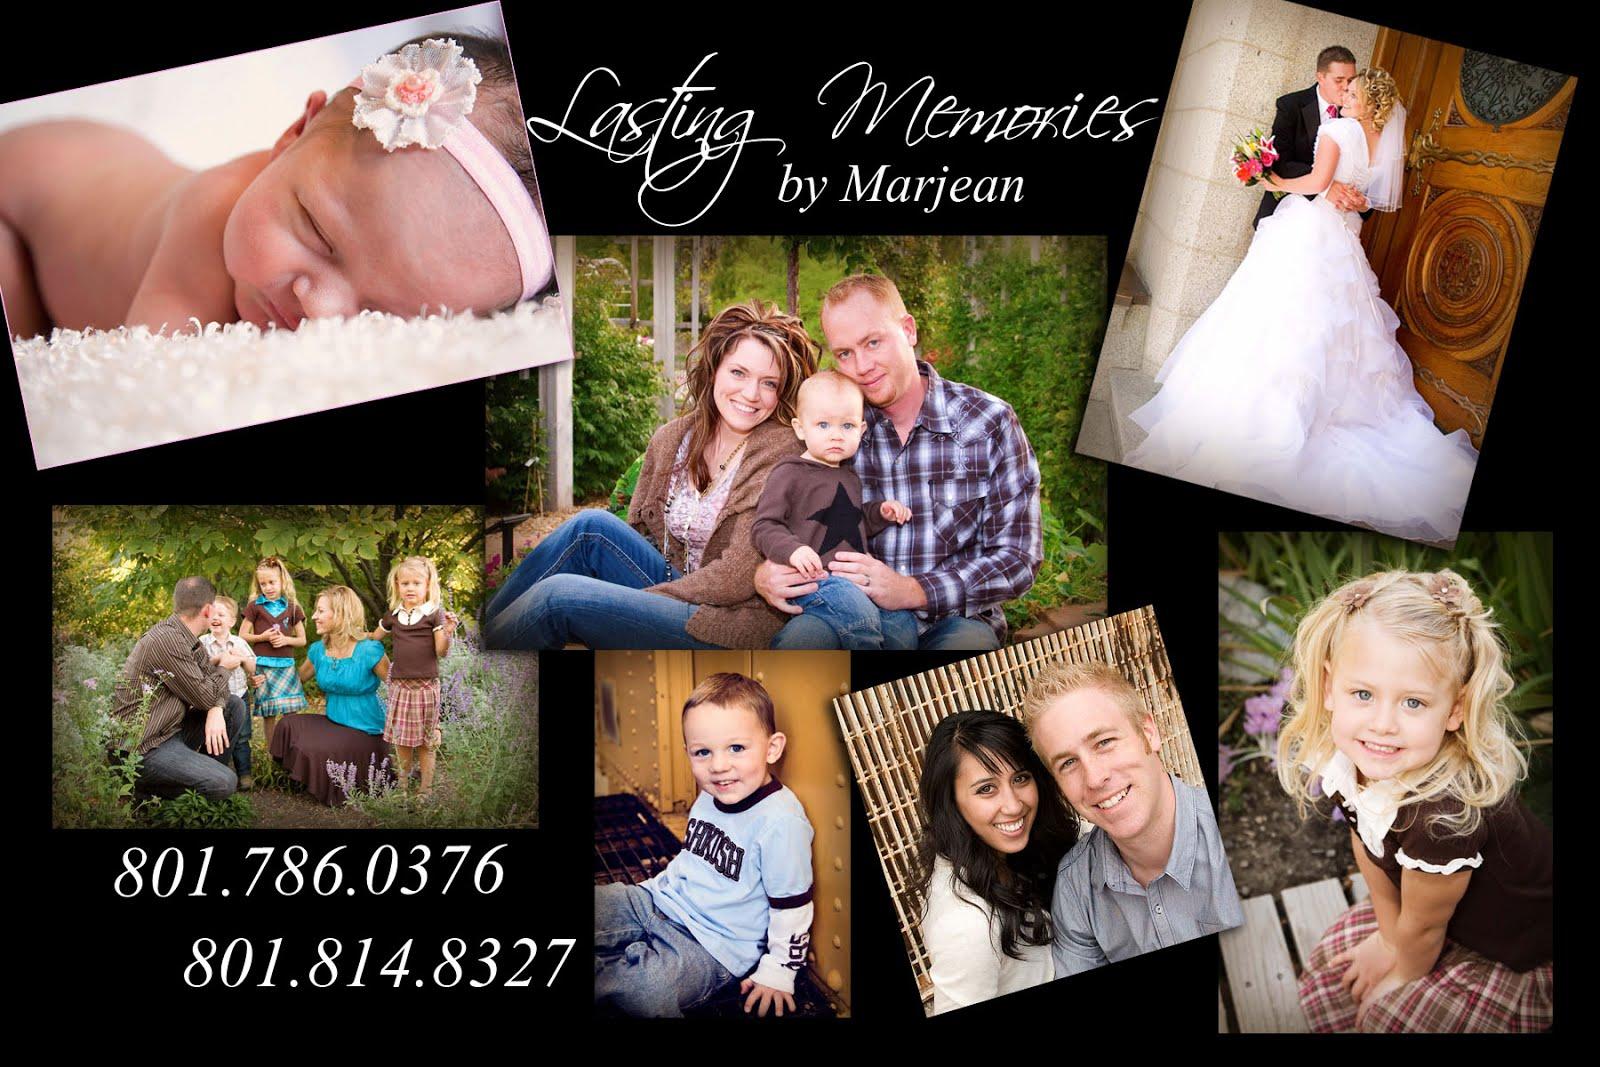 Lasting Memories by Marjean